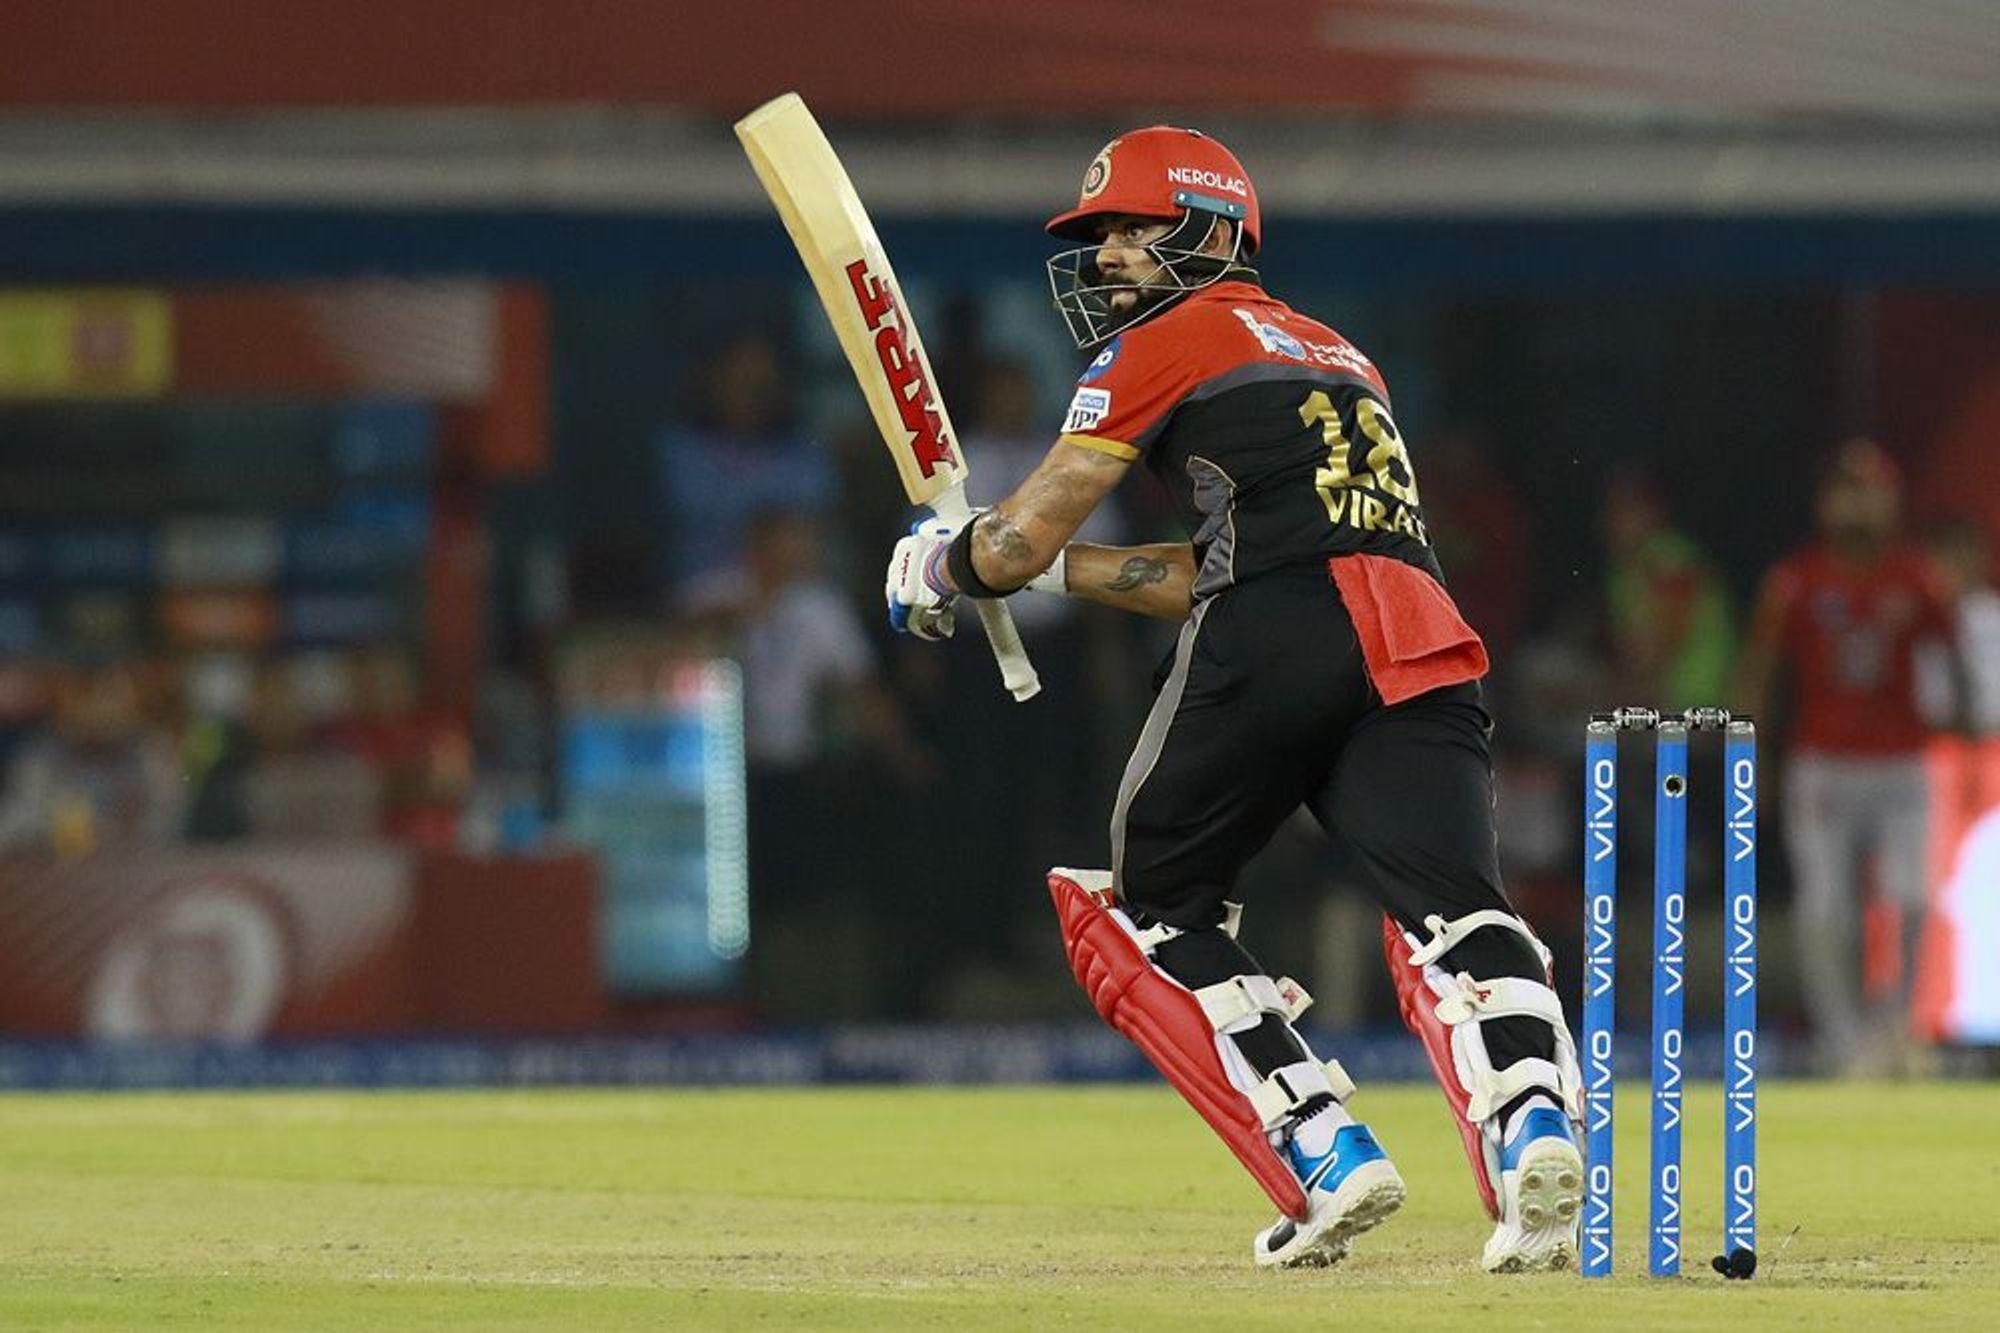 WATCH : पंजाब के खिलाफ कोहली को खेलने के मिले दो मौके, लेकिन फिर भी बना पाये मात्र 13 रन 1